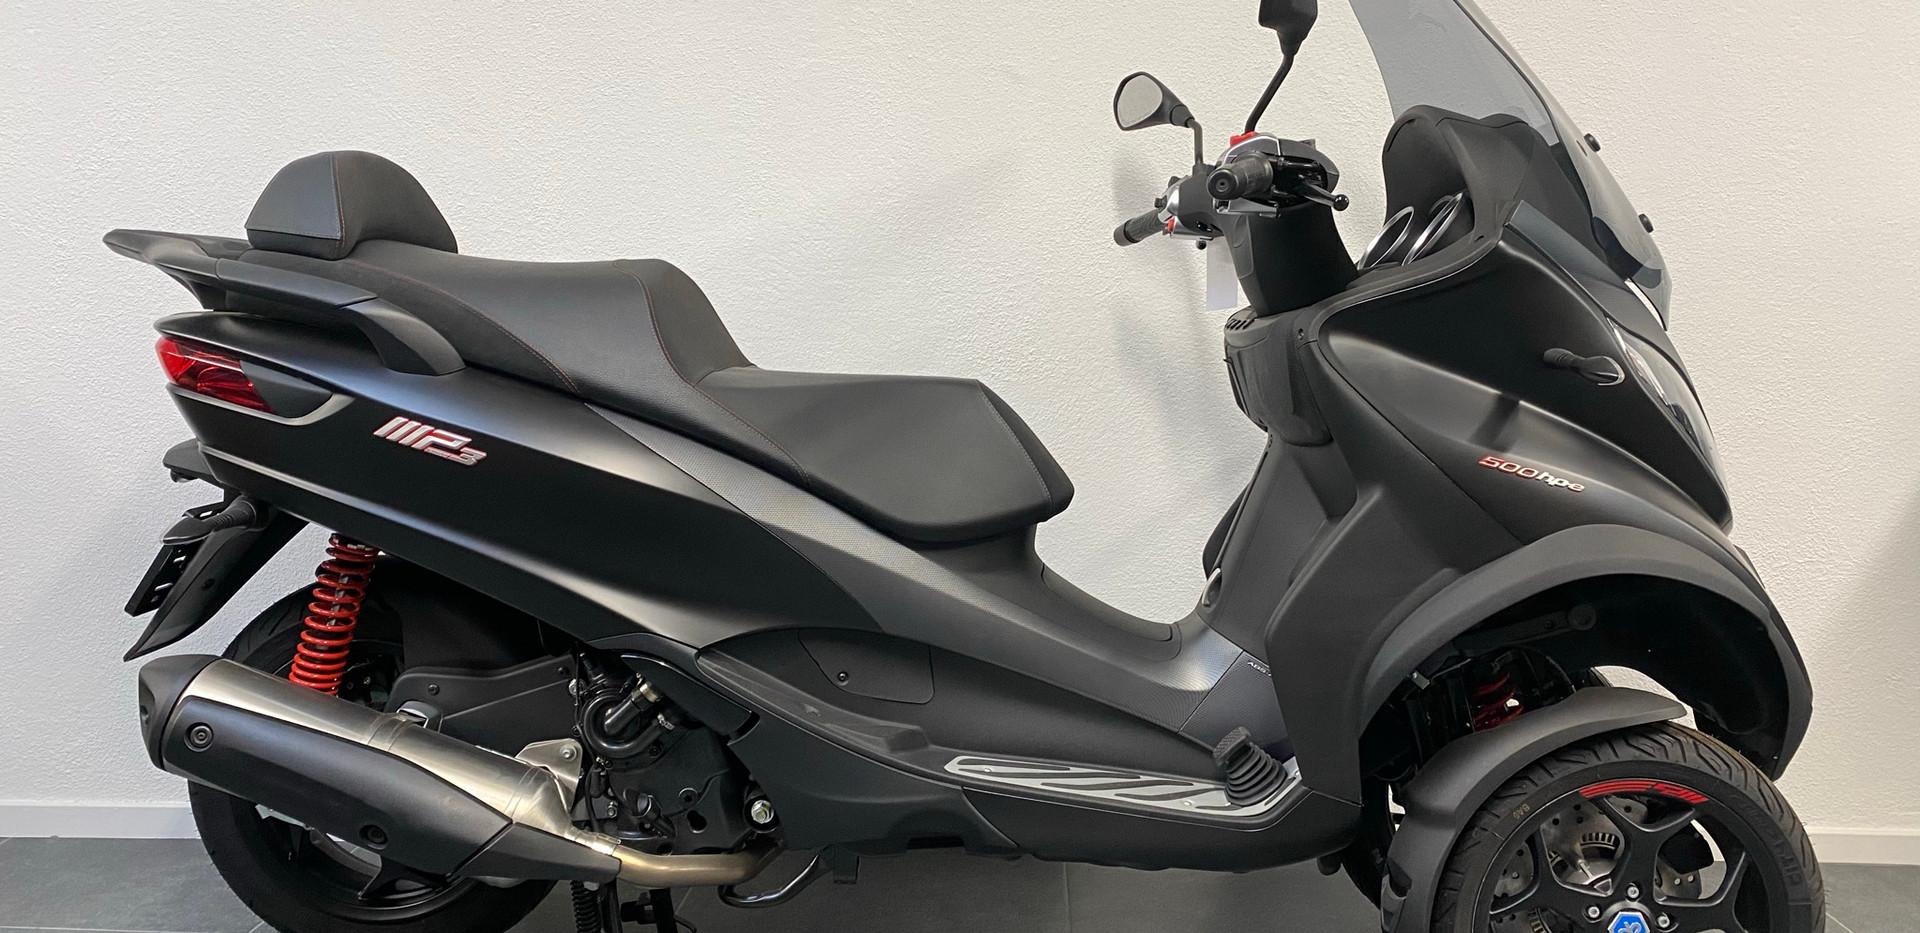 Piaggio MP3 500cc Sport